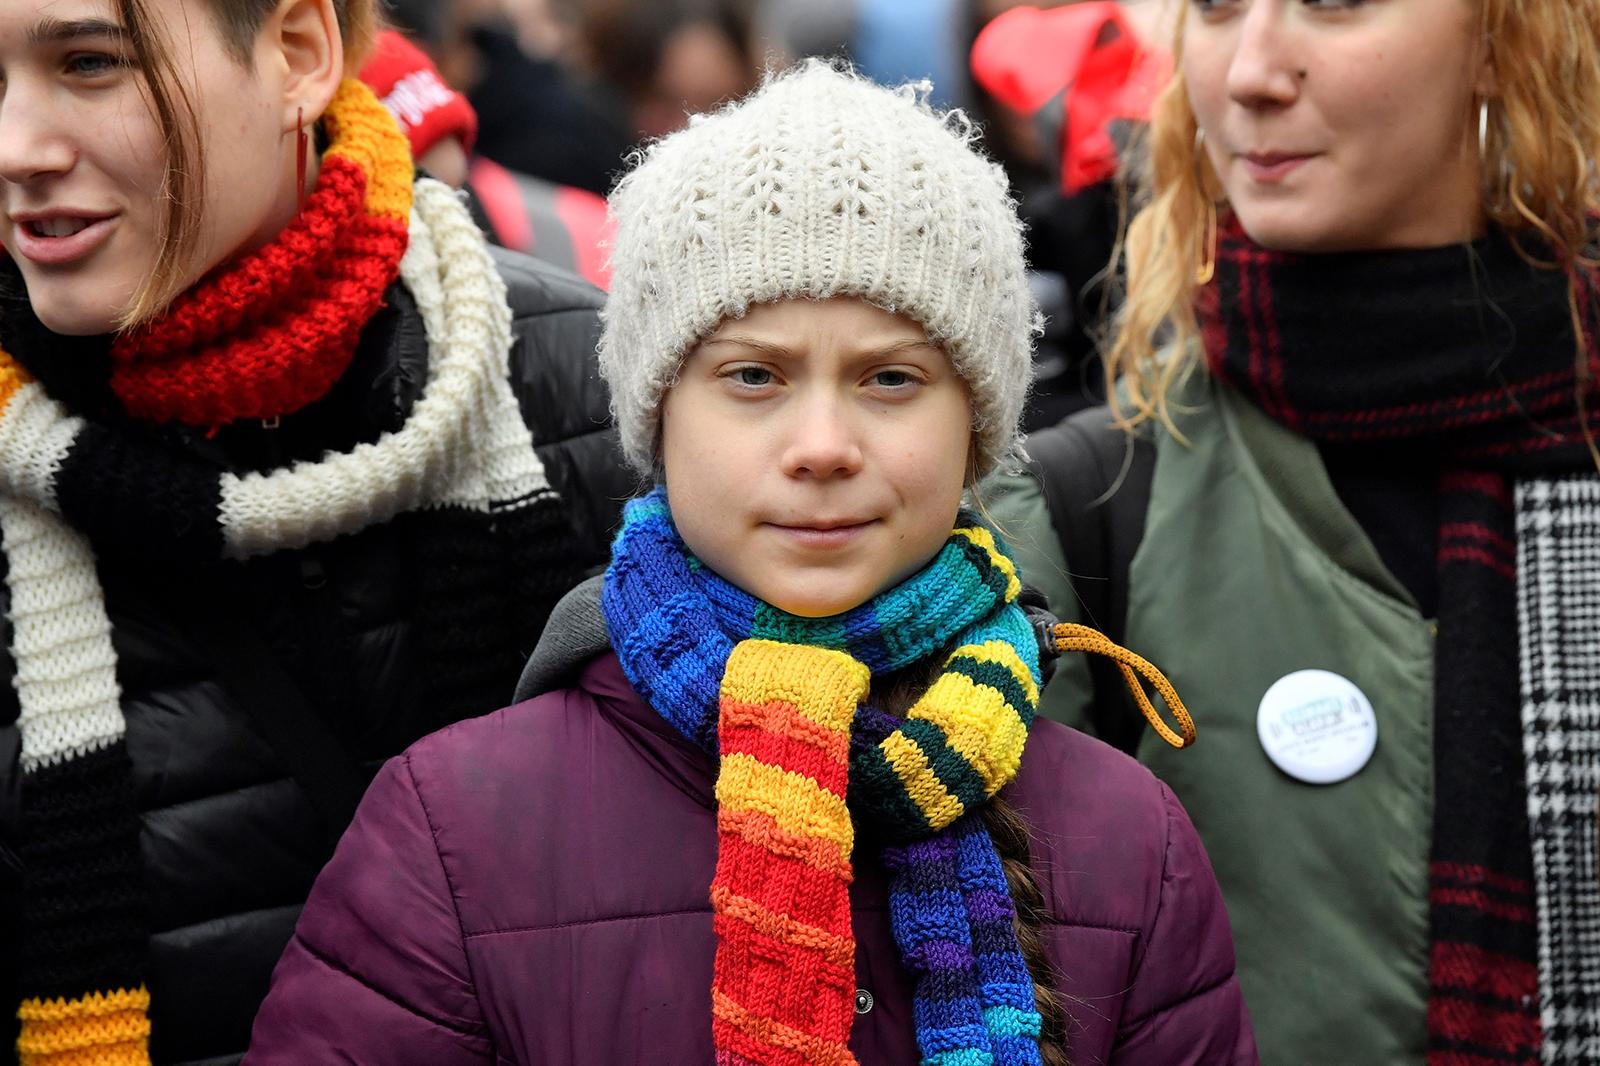 Aktivistja Greta Thunberg do të dhurojë 100.000 euro për të luftuar Covid-19 në Amazon